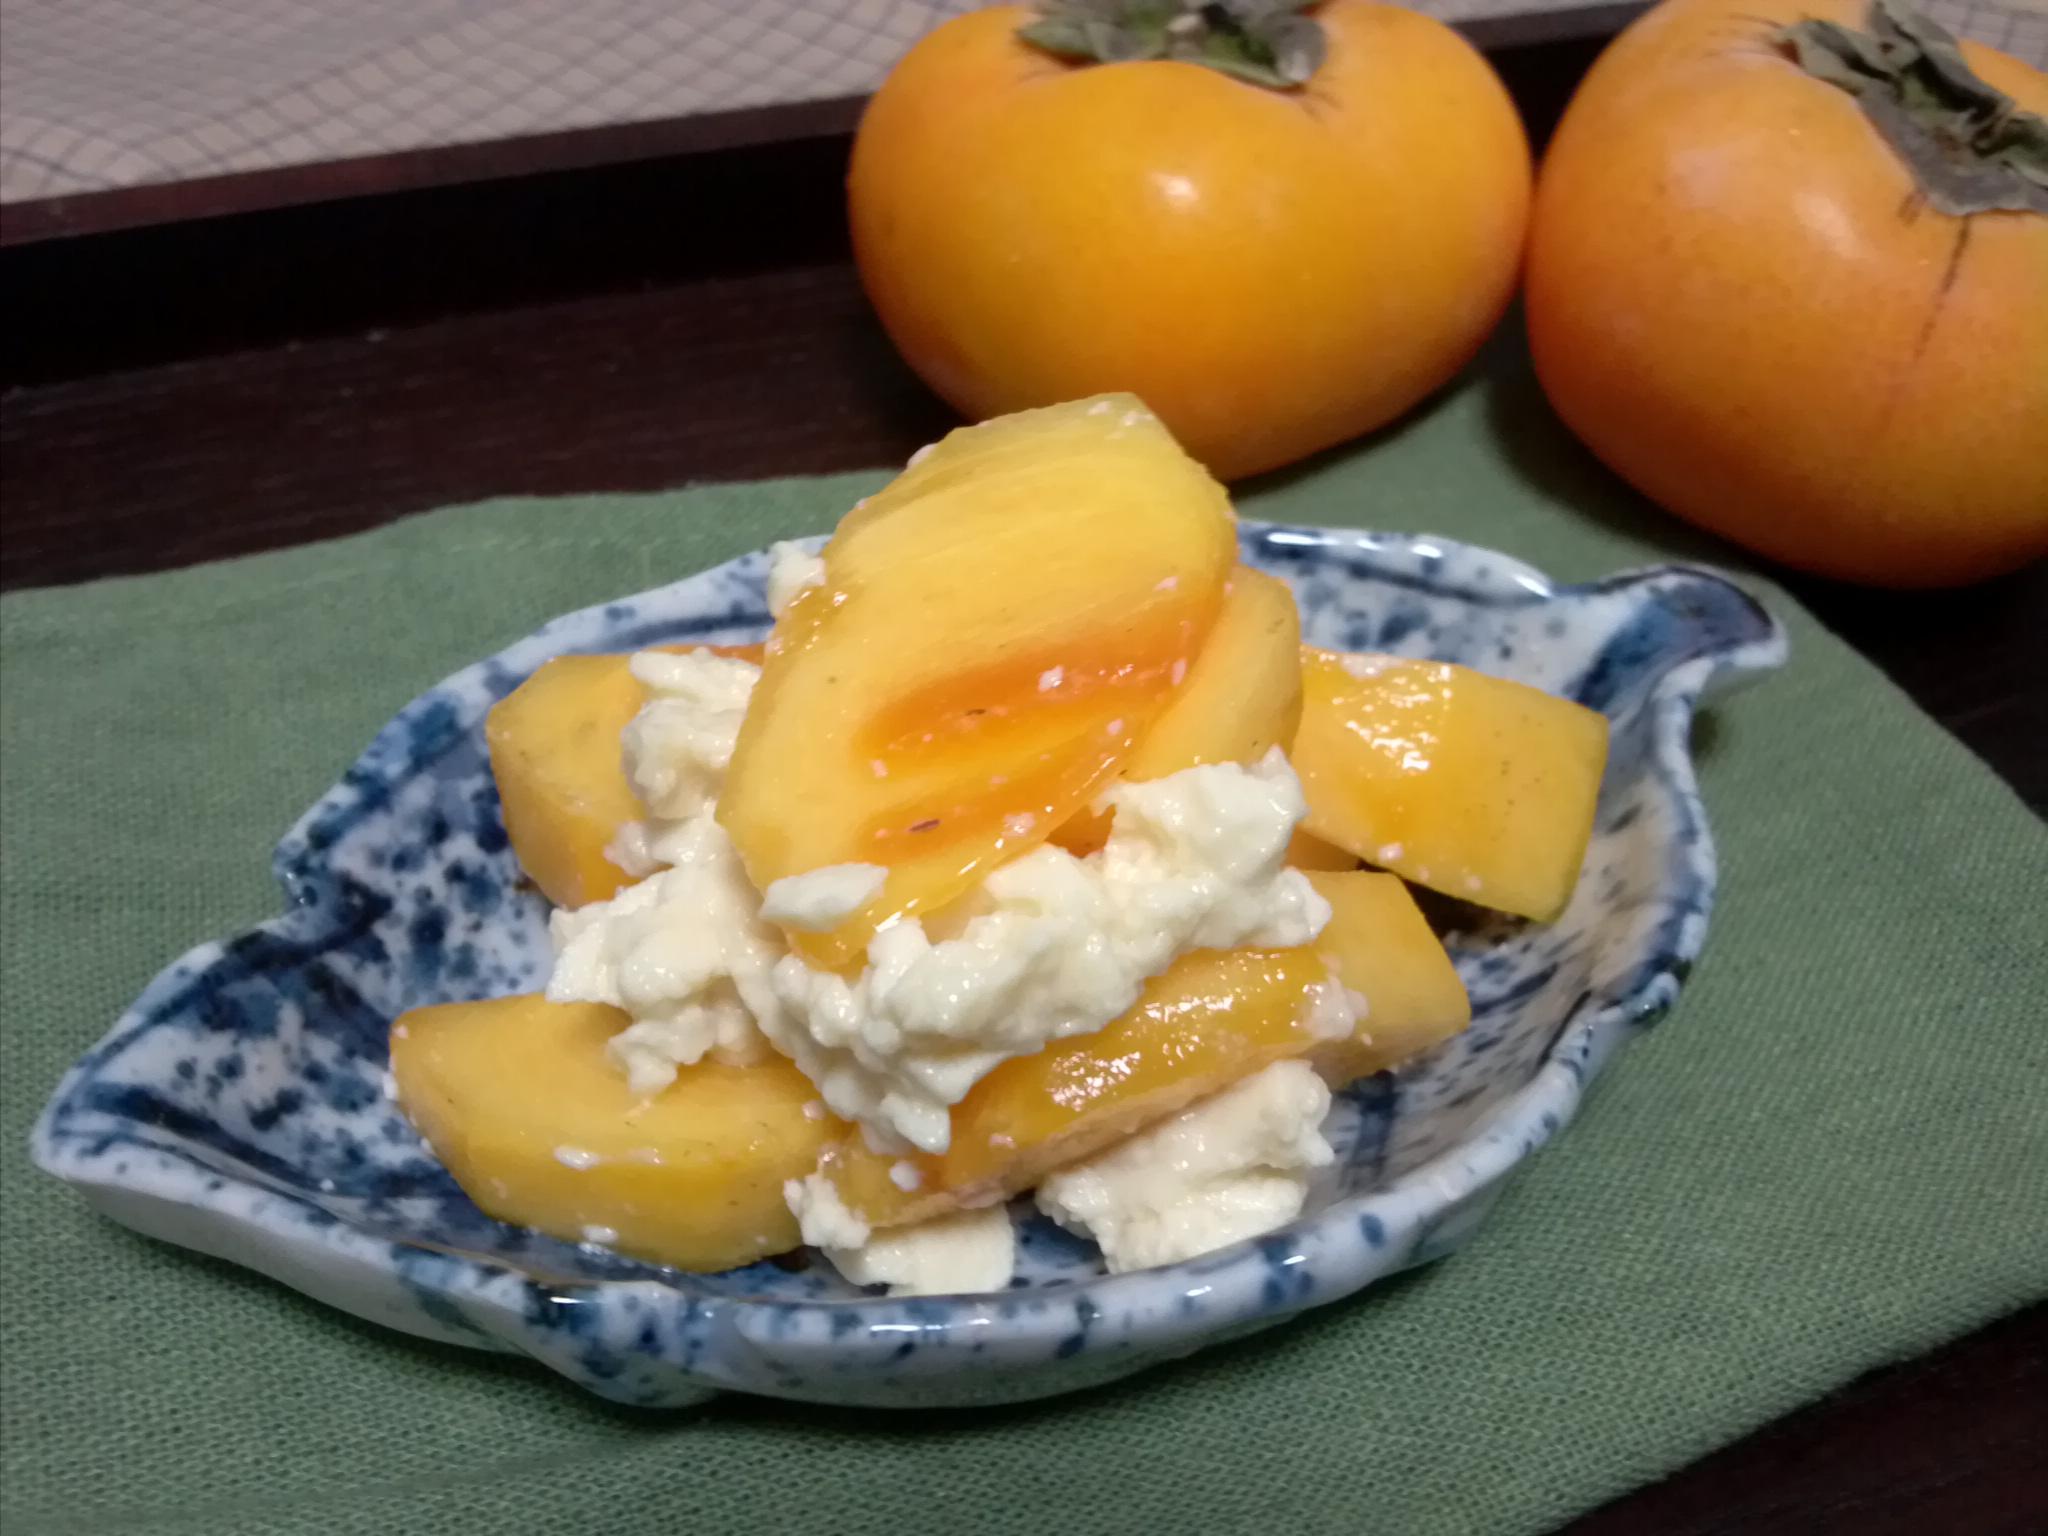 古町糀の食卓40 奈良の柿 塩糀豆腐と和えて